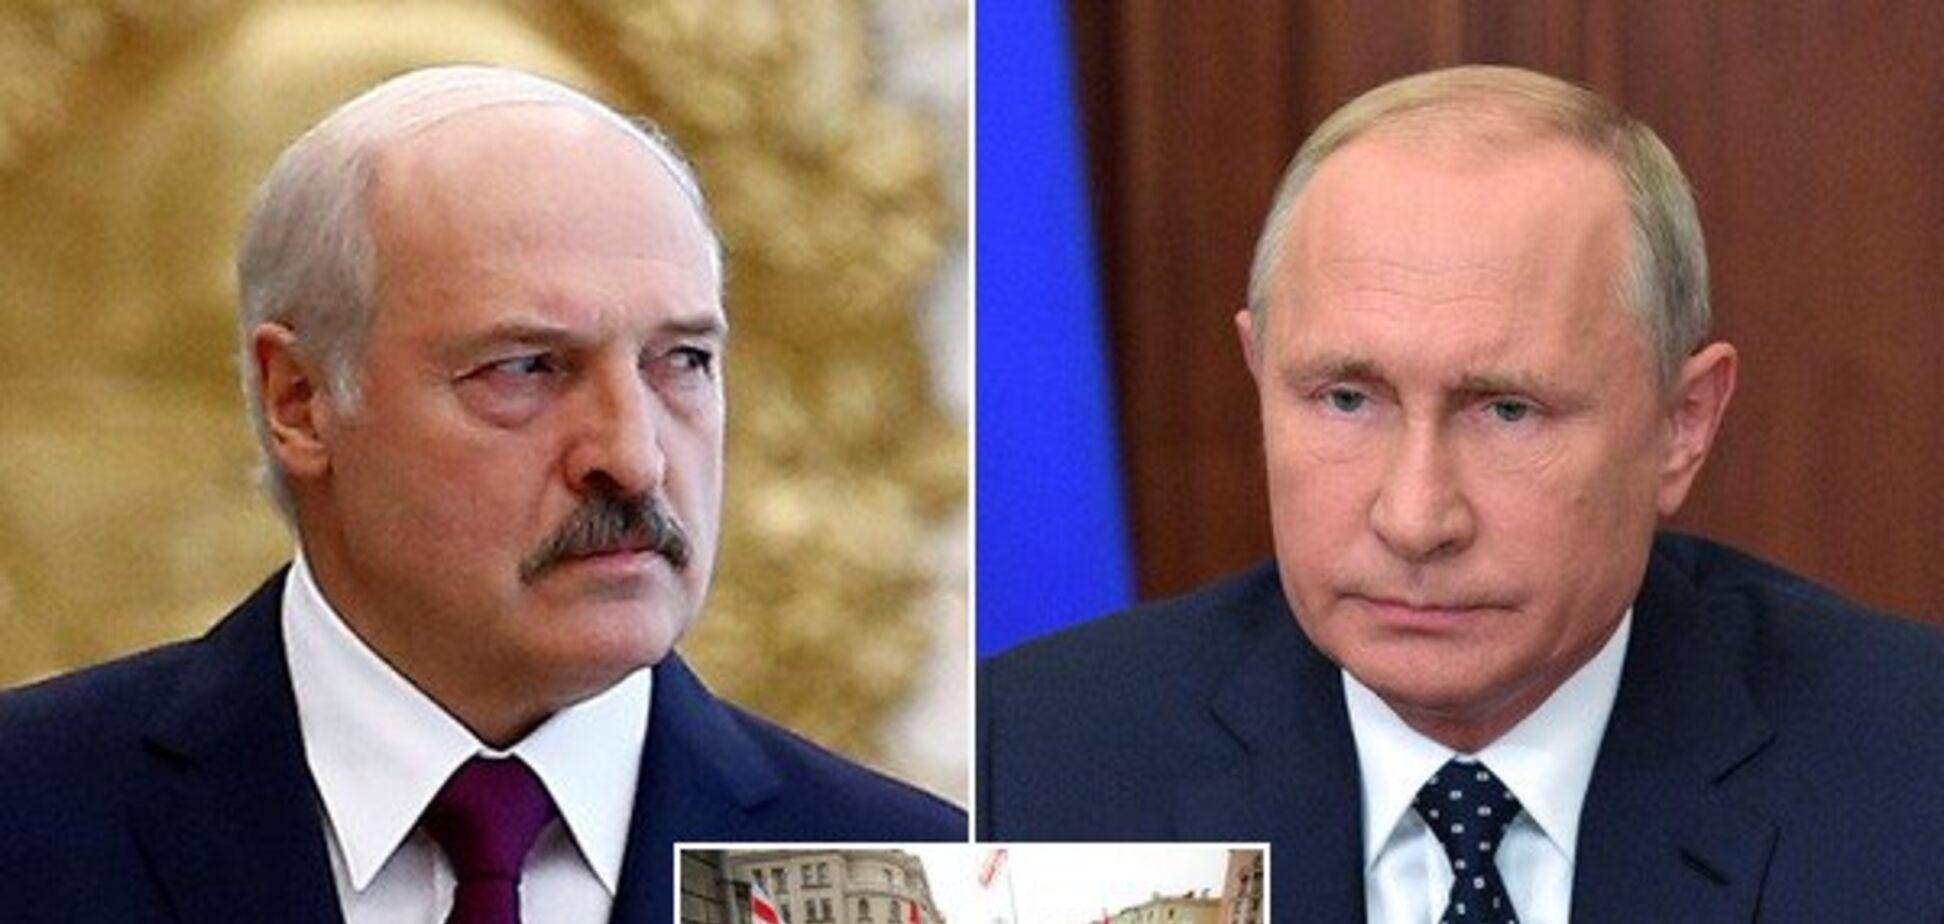 Білоруси мітингують проти Путіна: чому Україні загрожує ще один військовий фронт